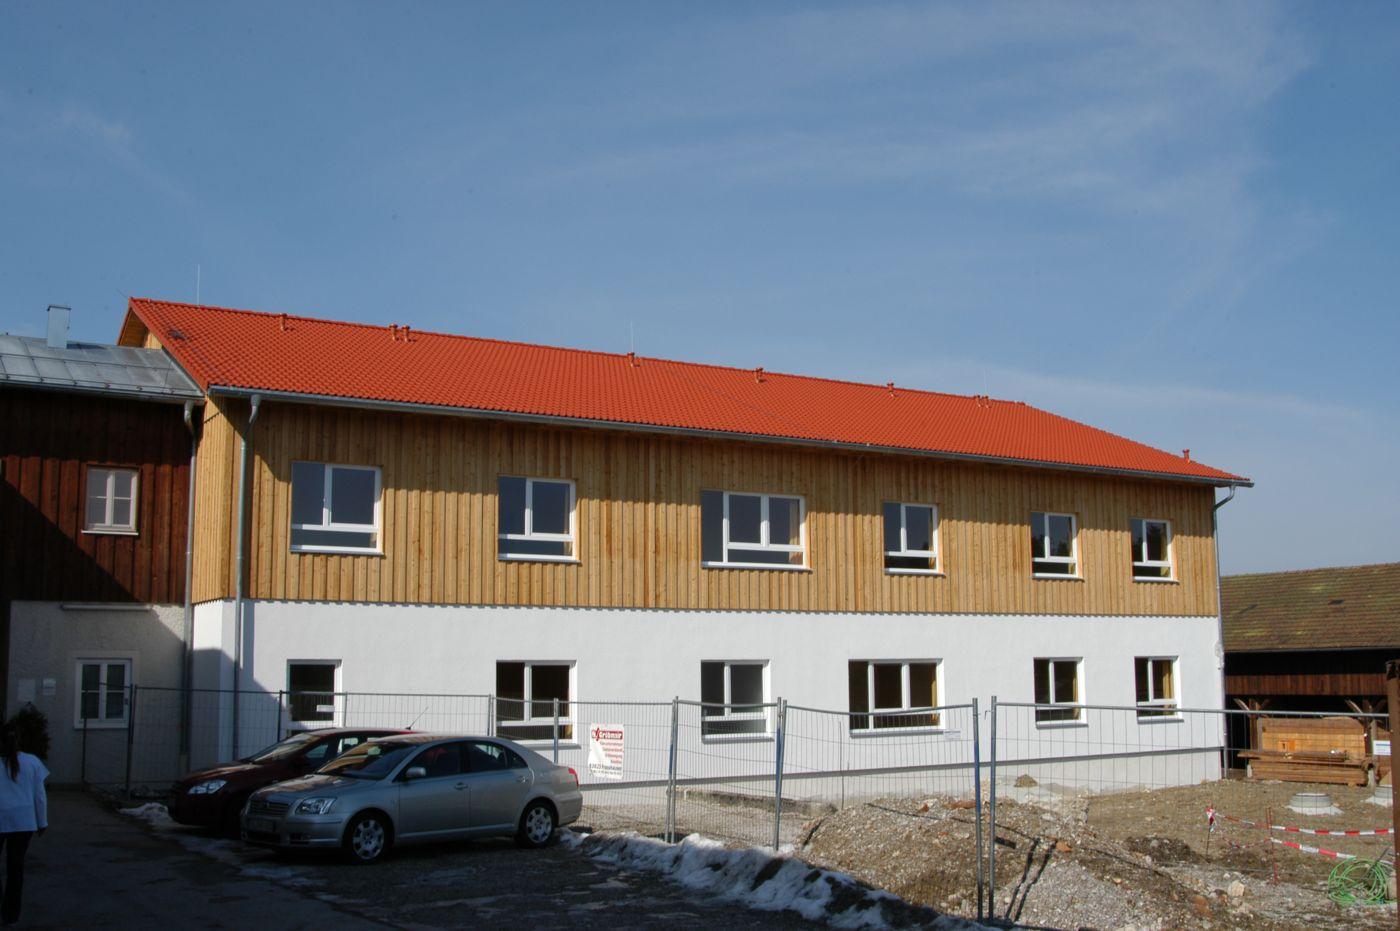 Altenheim Schwaigwall